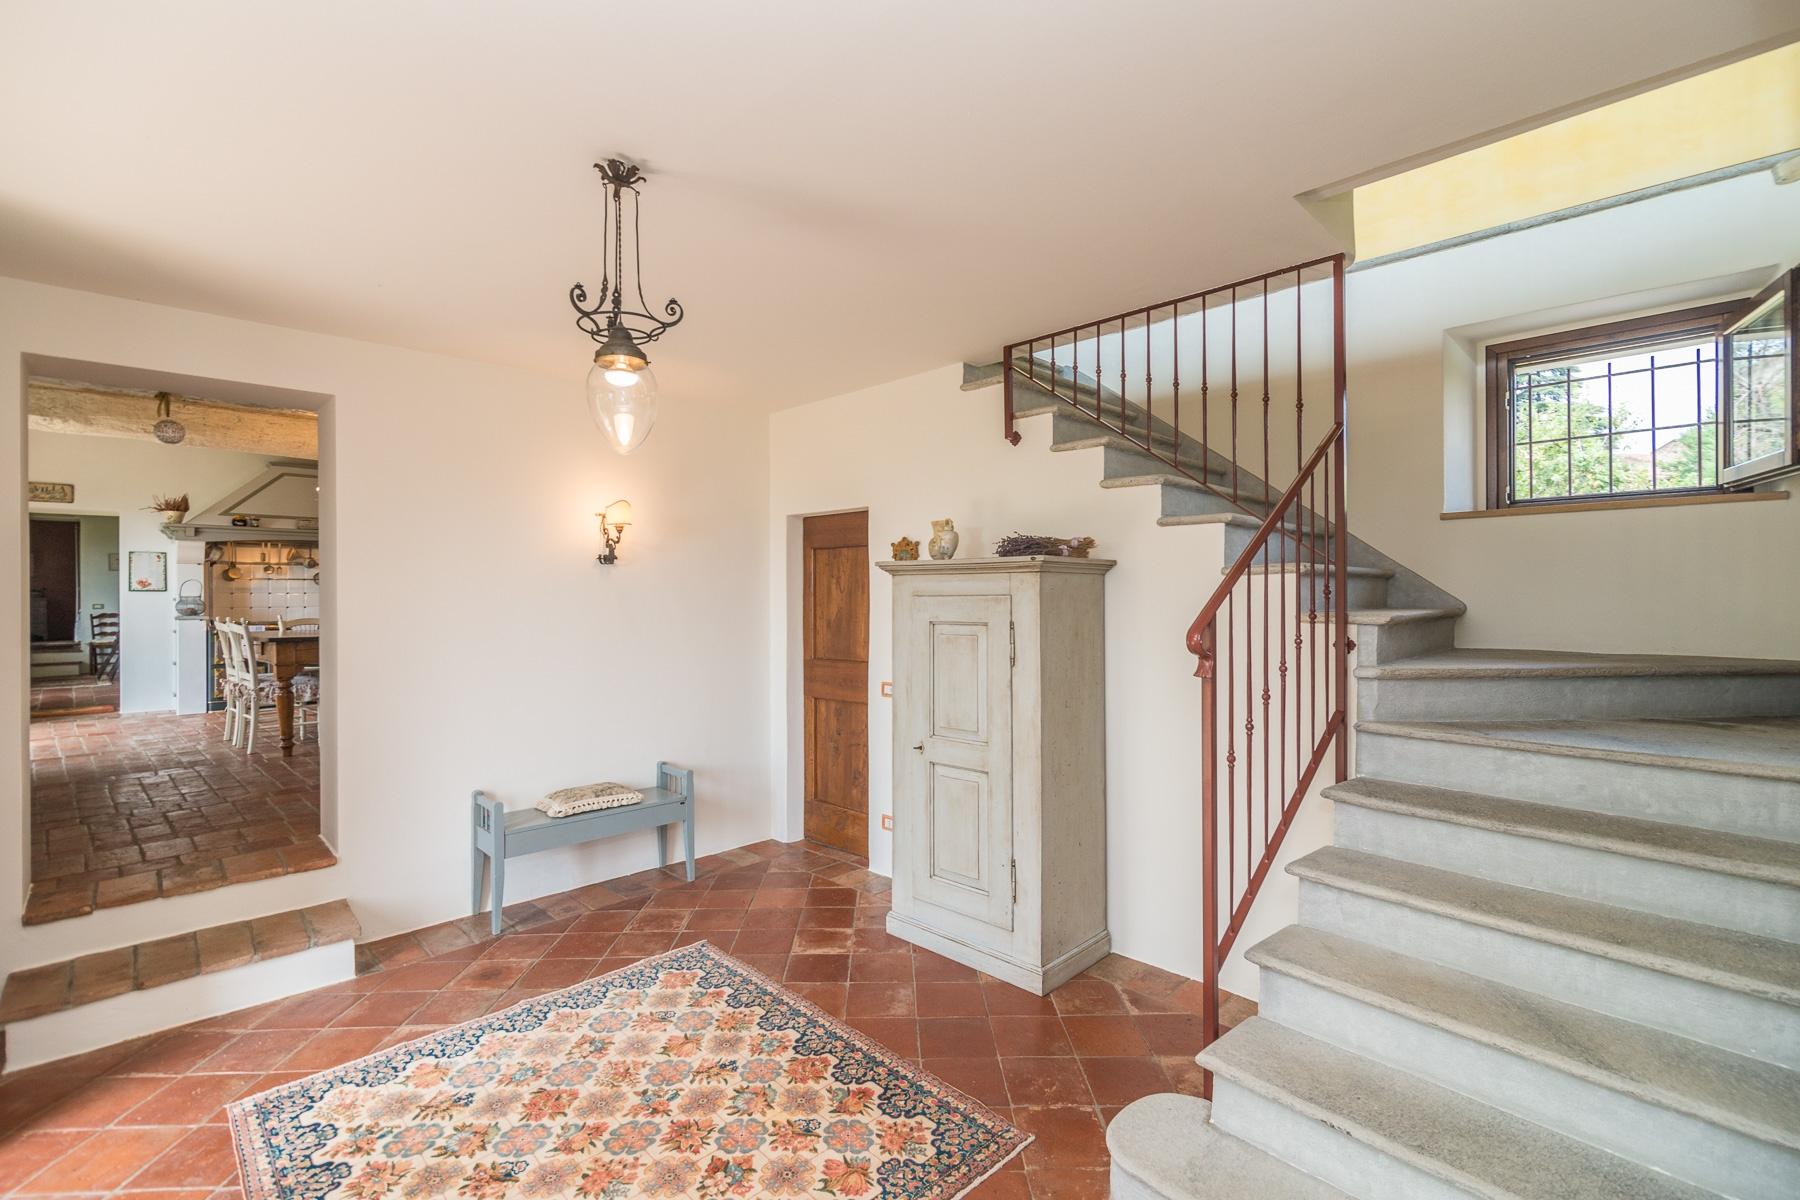 Casa indipendente in Vendita a Ziano Piacentino: 5 locali, 260 mq - Foto 7